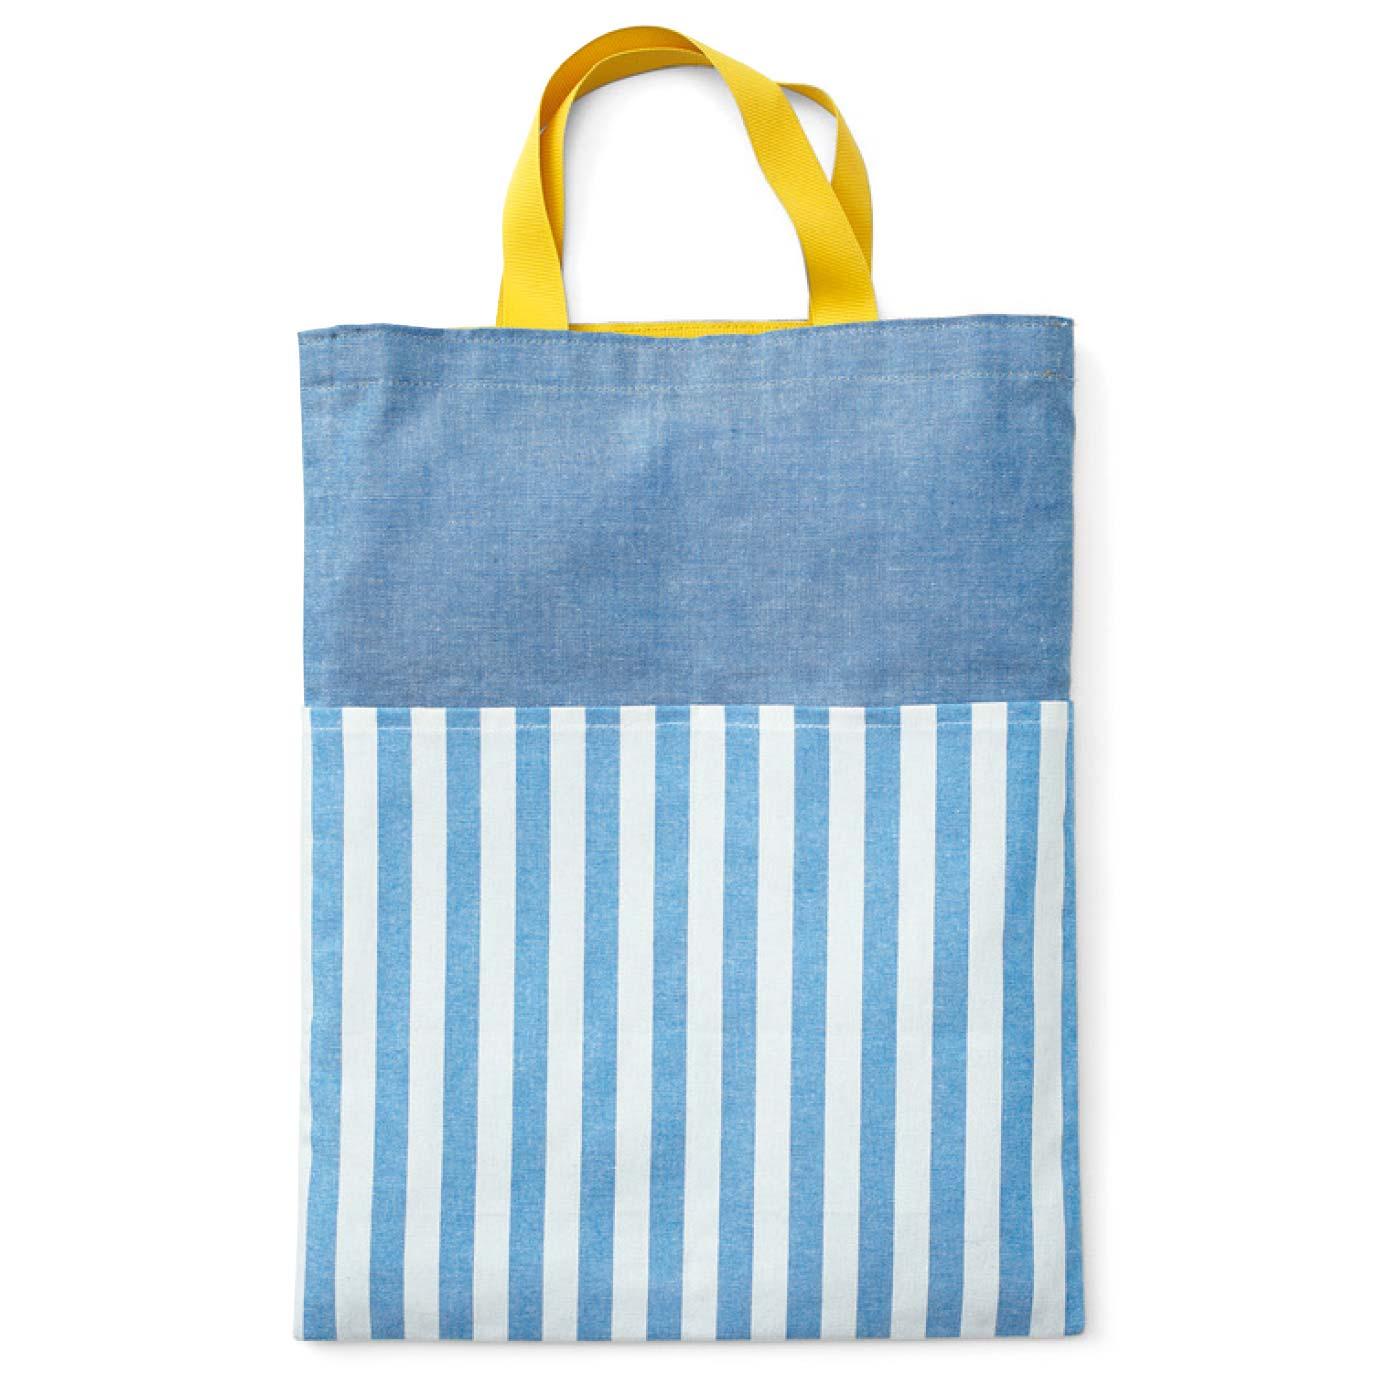 折りたたみバッグ 縦約31.5cm、横約25cm